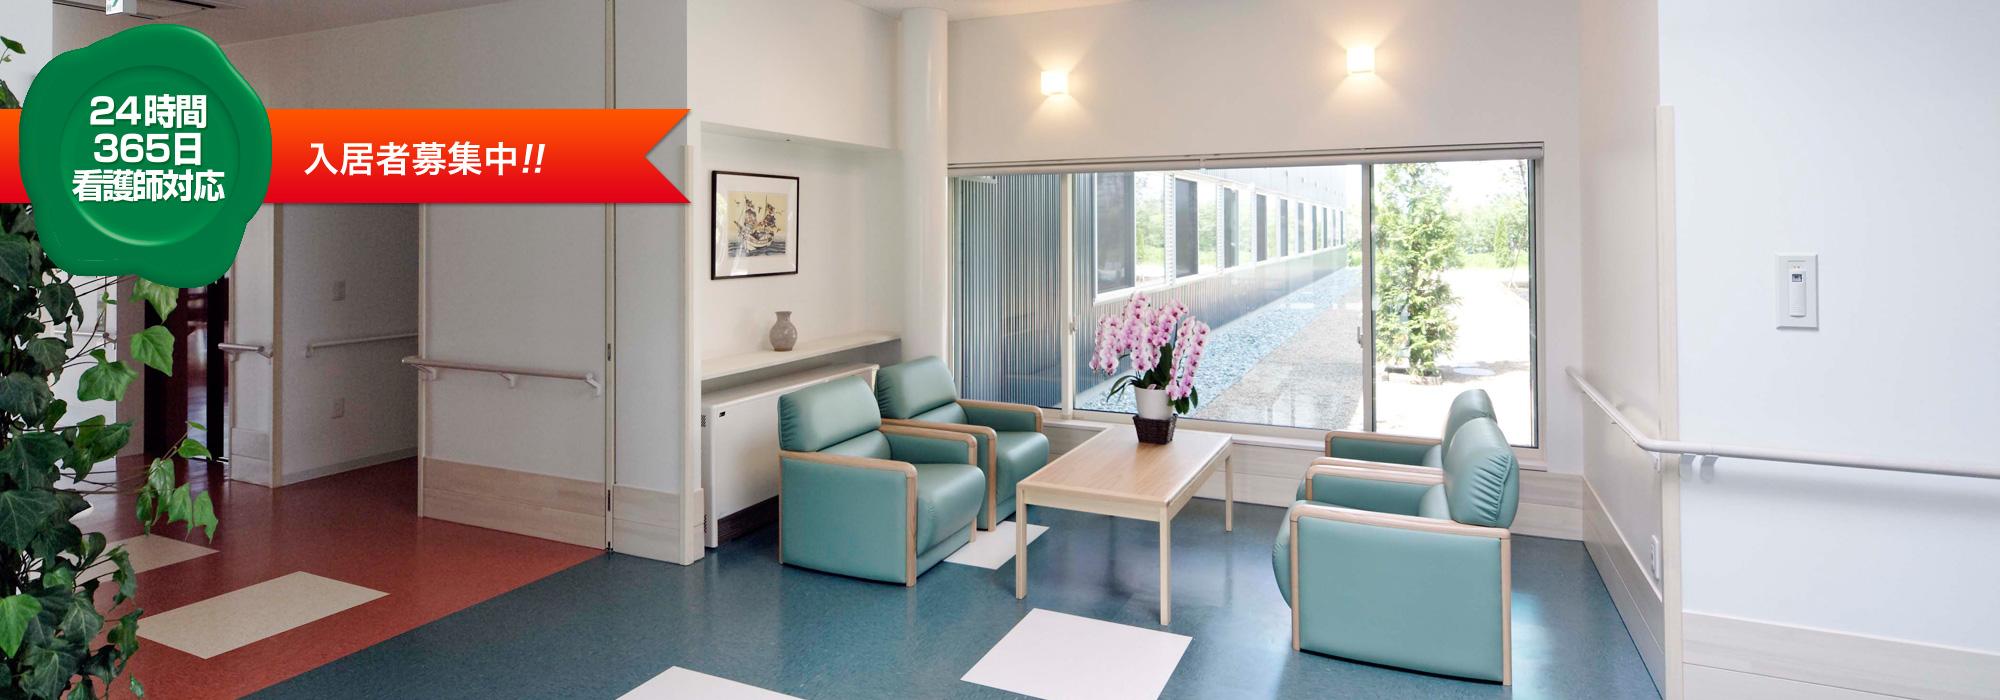 ナーシングホーム野里 訪問看護、居宅介護、訪問介護、デイサービスを併設